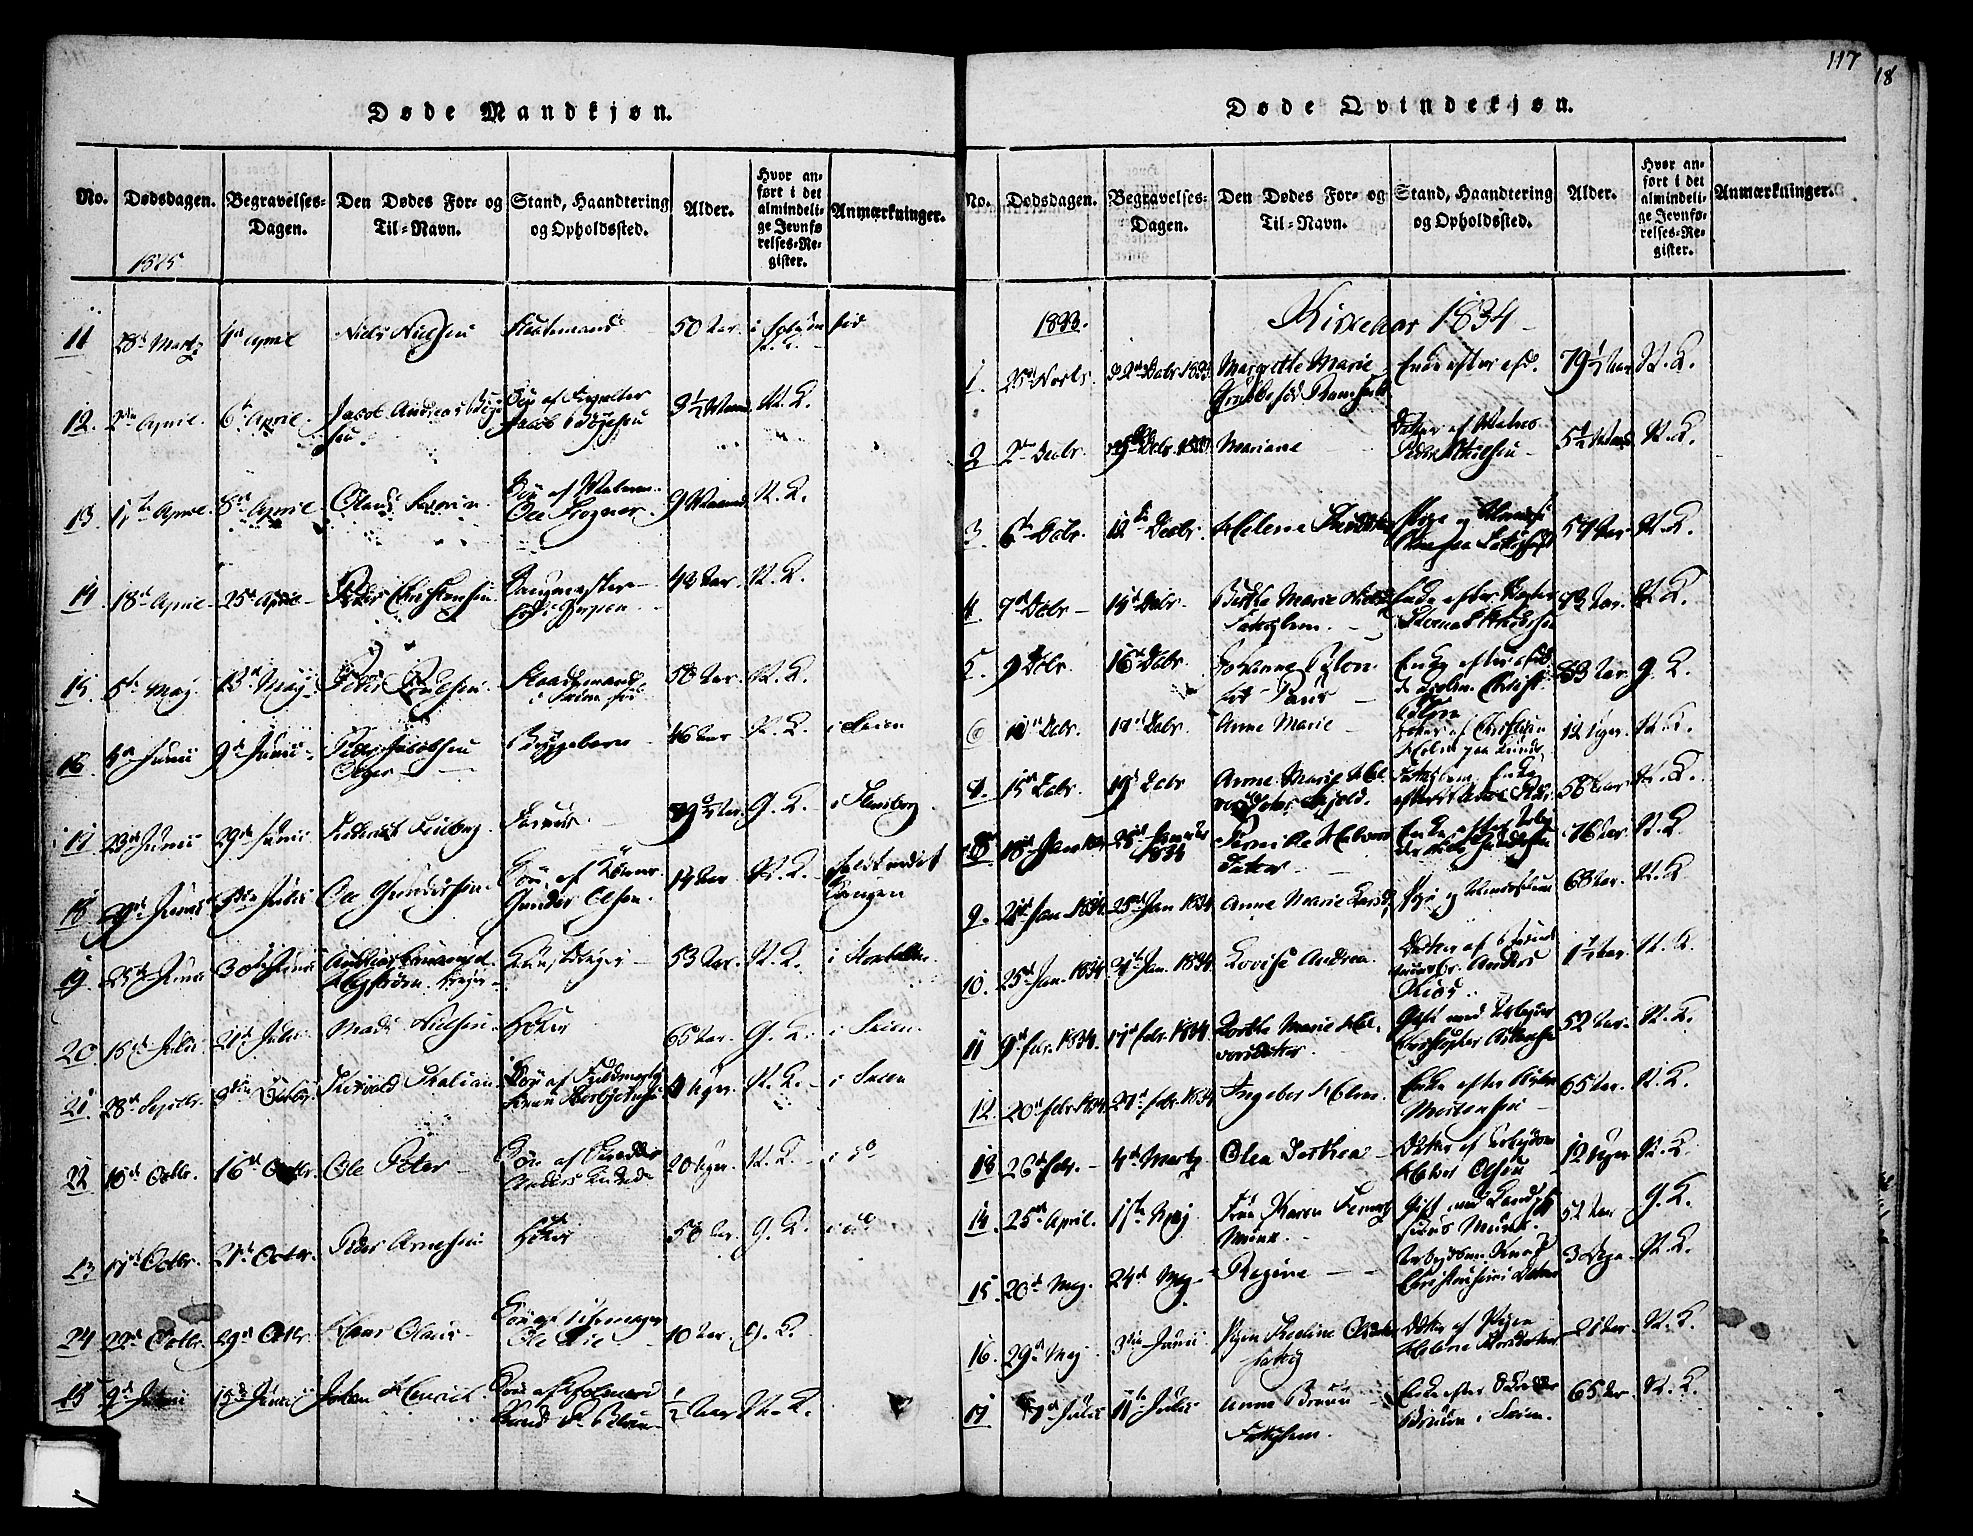 SAKO, Skien kirkebøker, F/Fa/L0005: Ministerialbok nr. 5, 1814-1843, s. 117